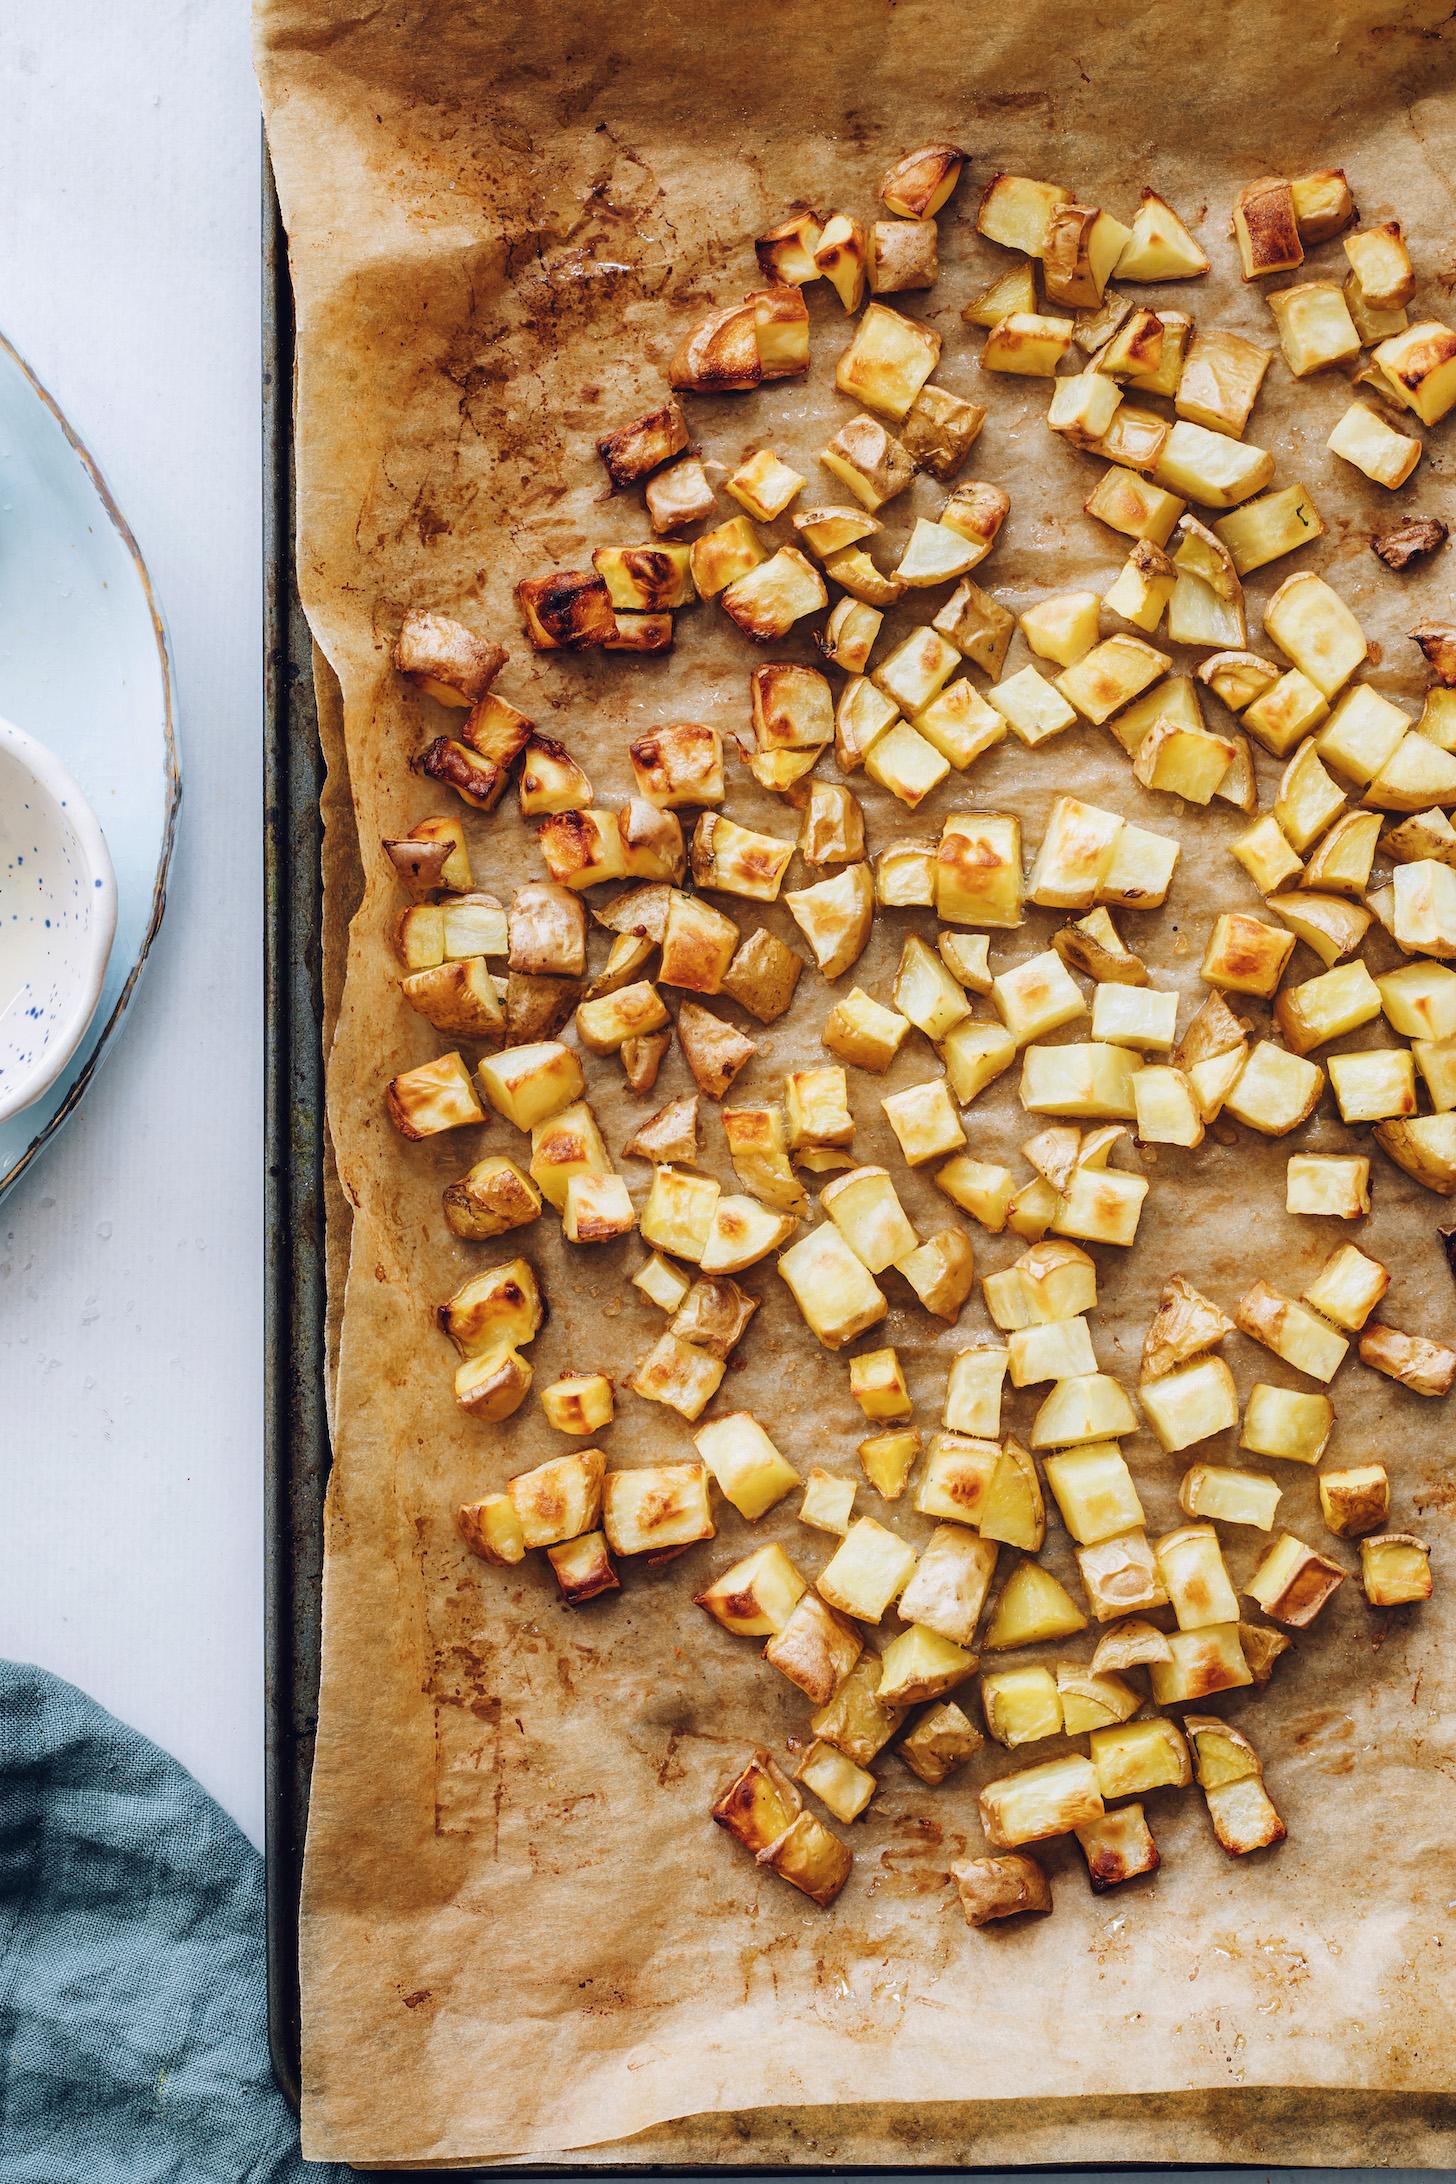 Roasted potatoes on a baking sheet